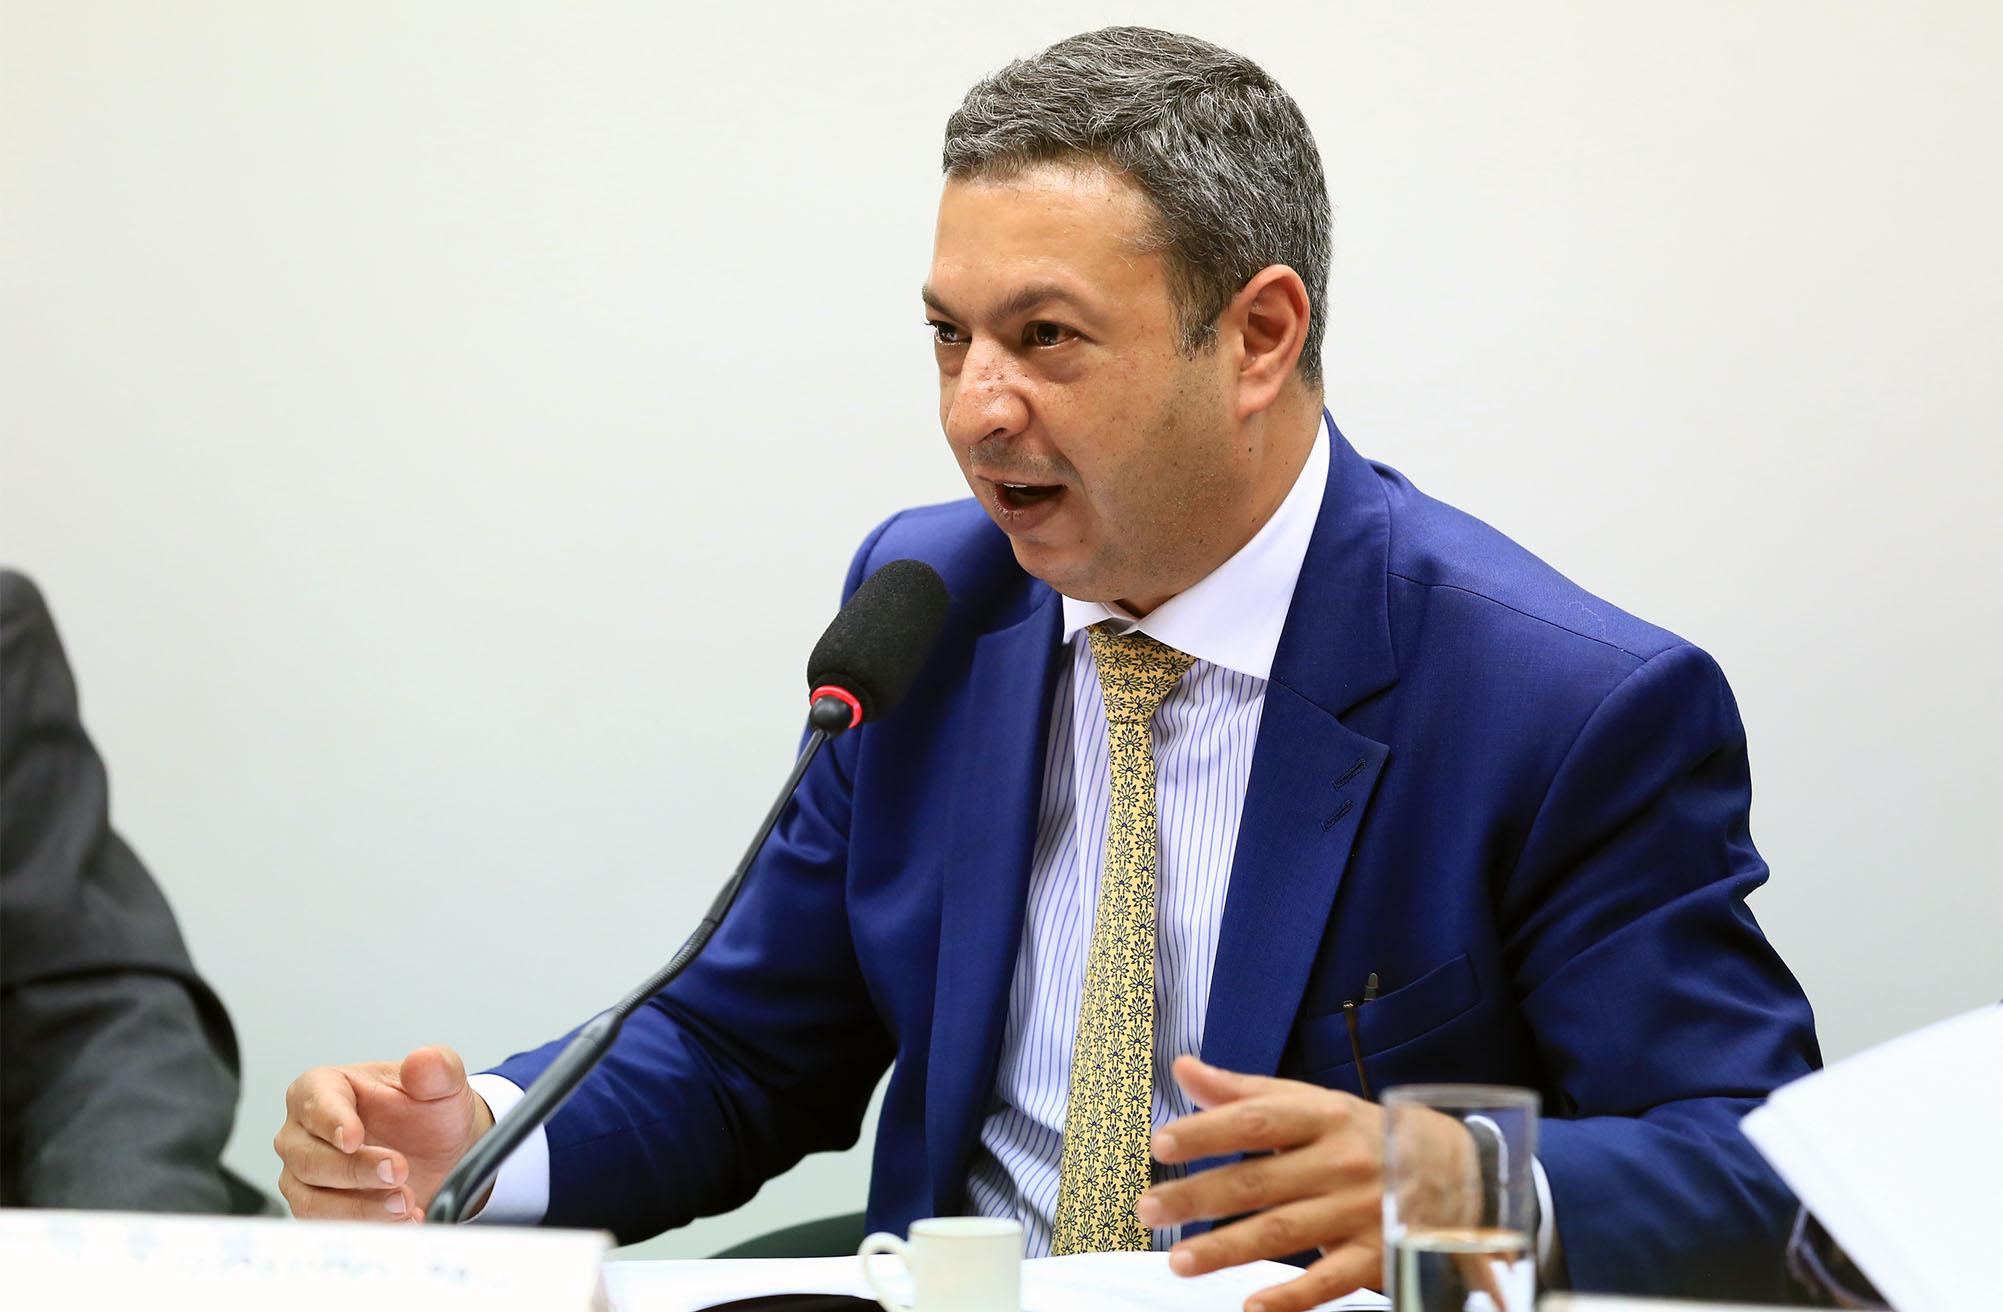 Audiência pública sobre a aplicação de multas pelo Conselho Regional de Farmácia do Estado de São Paulo a clínicas e consultórios médicos. Dep. Ricardo Izar (PP - SP)